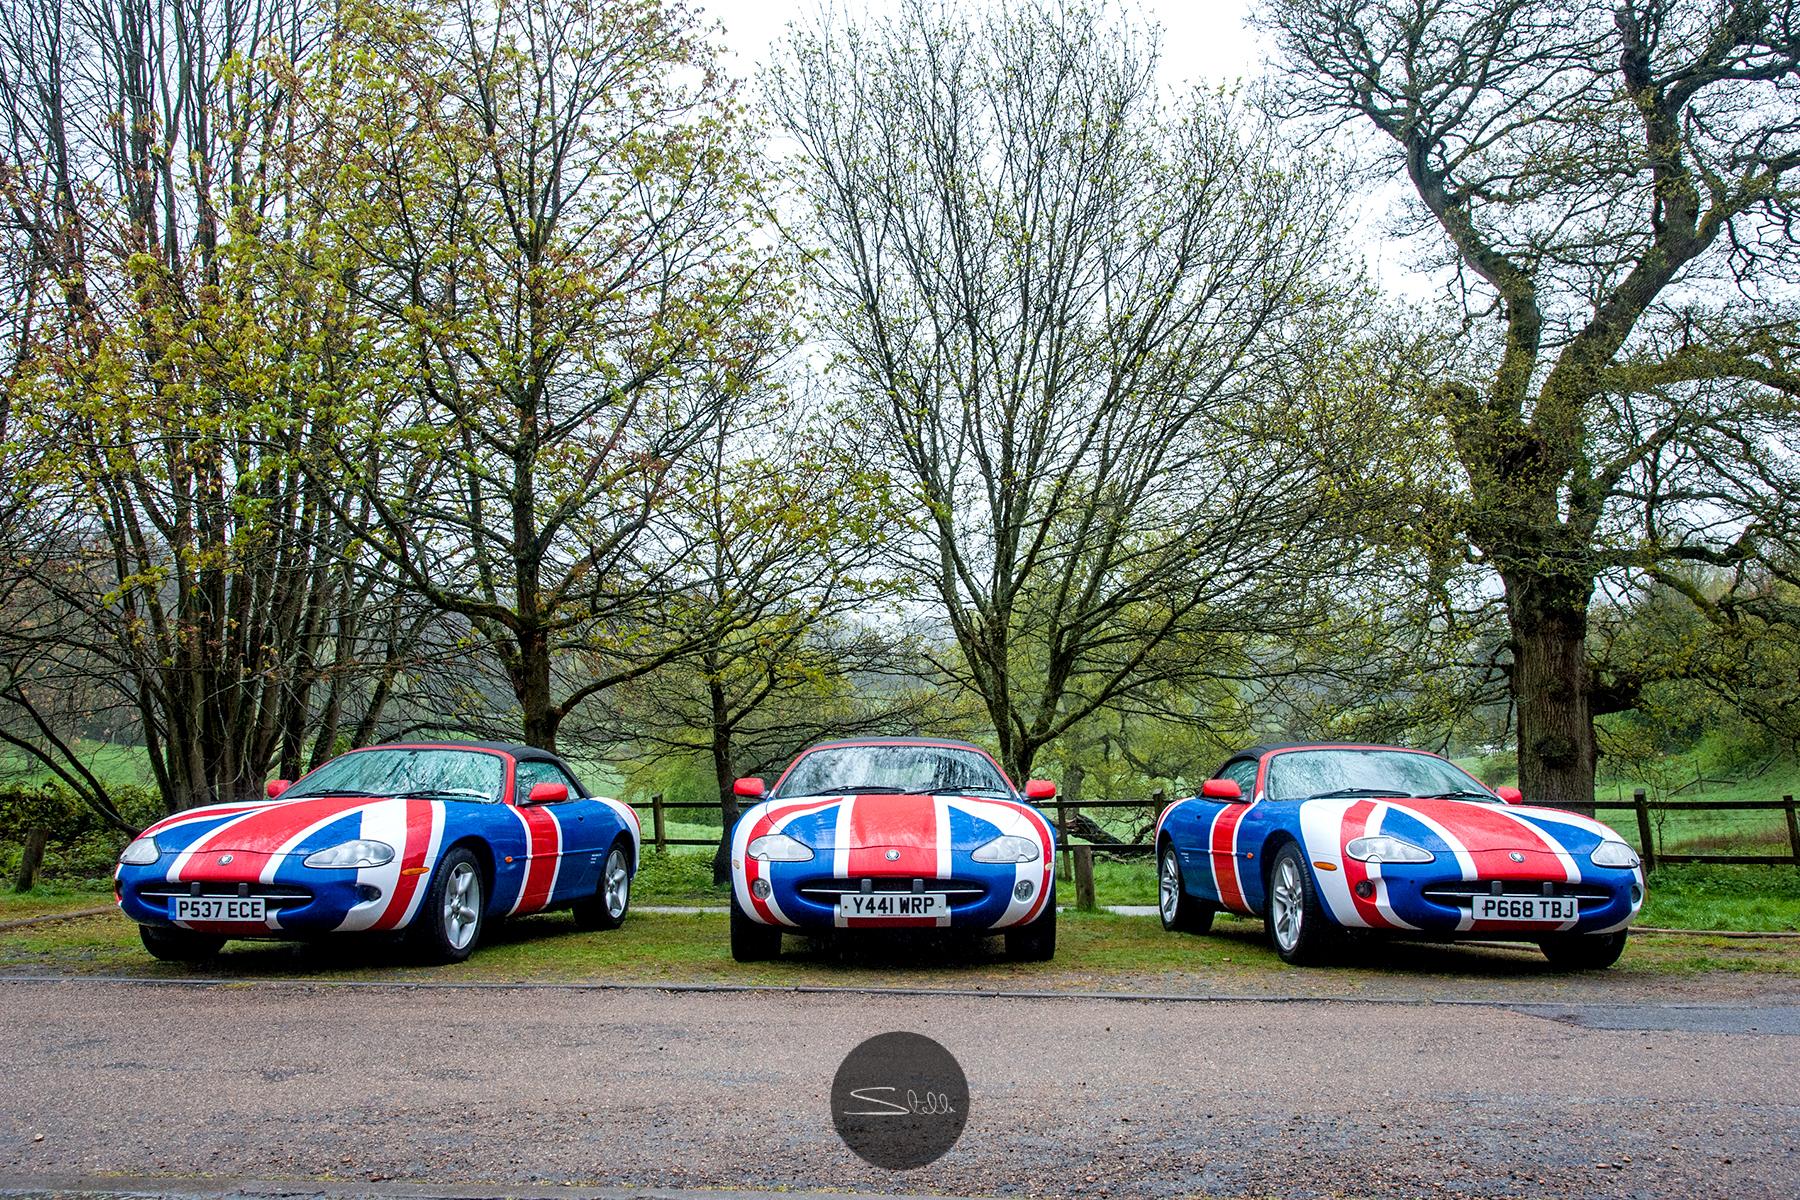 Stella Scordellis Jaguar Car Run 2015 14 Watermarked.jpg